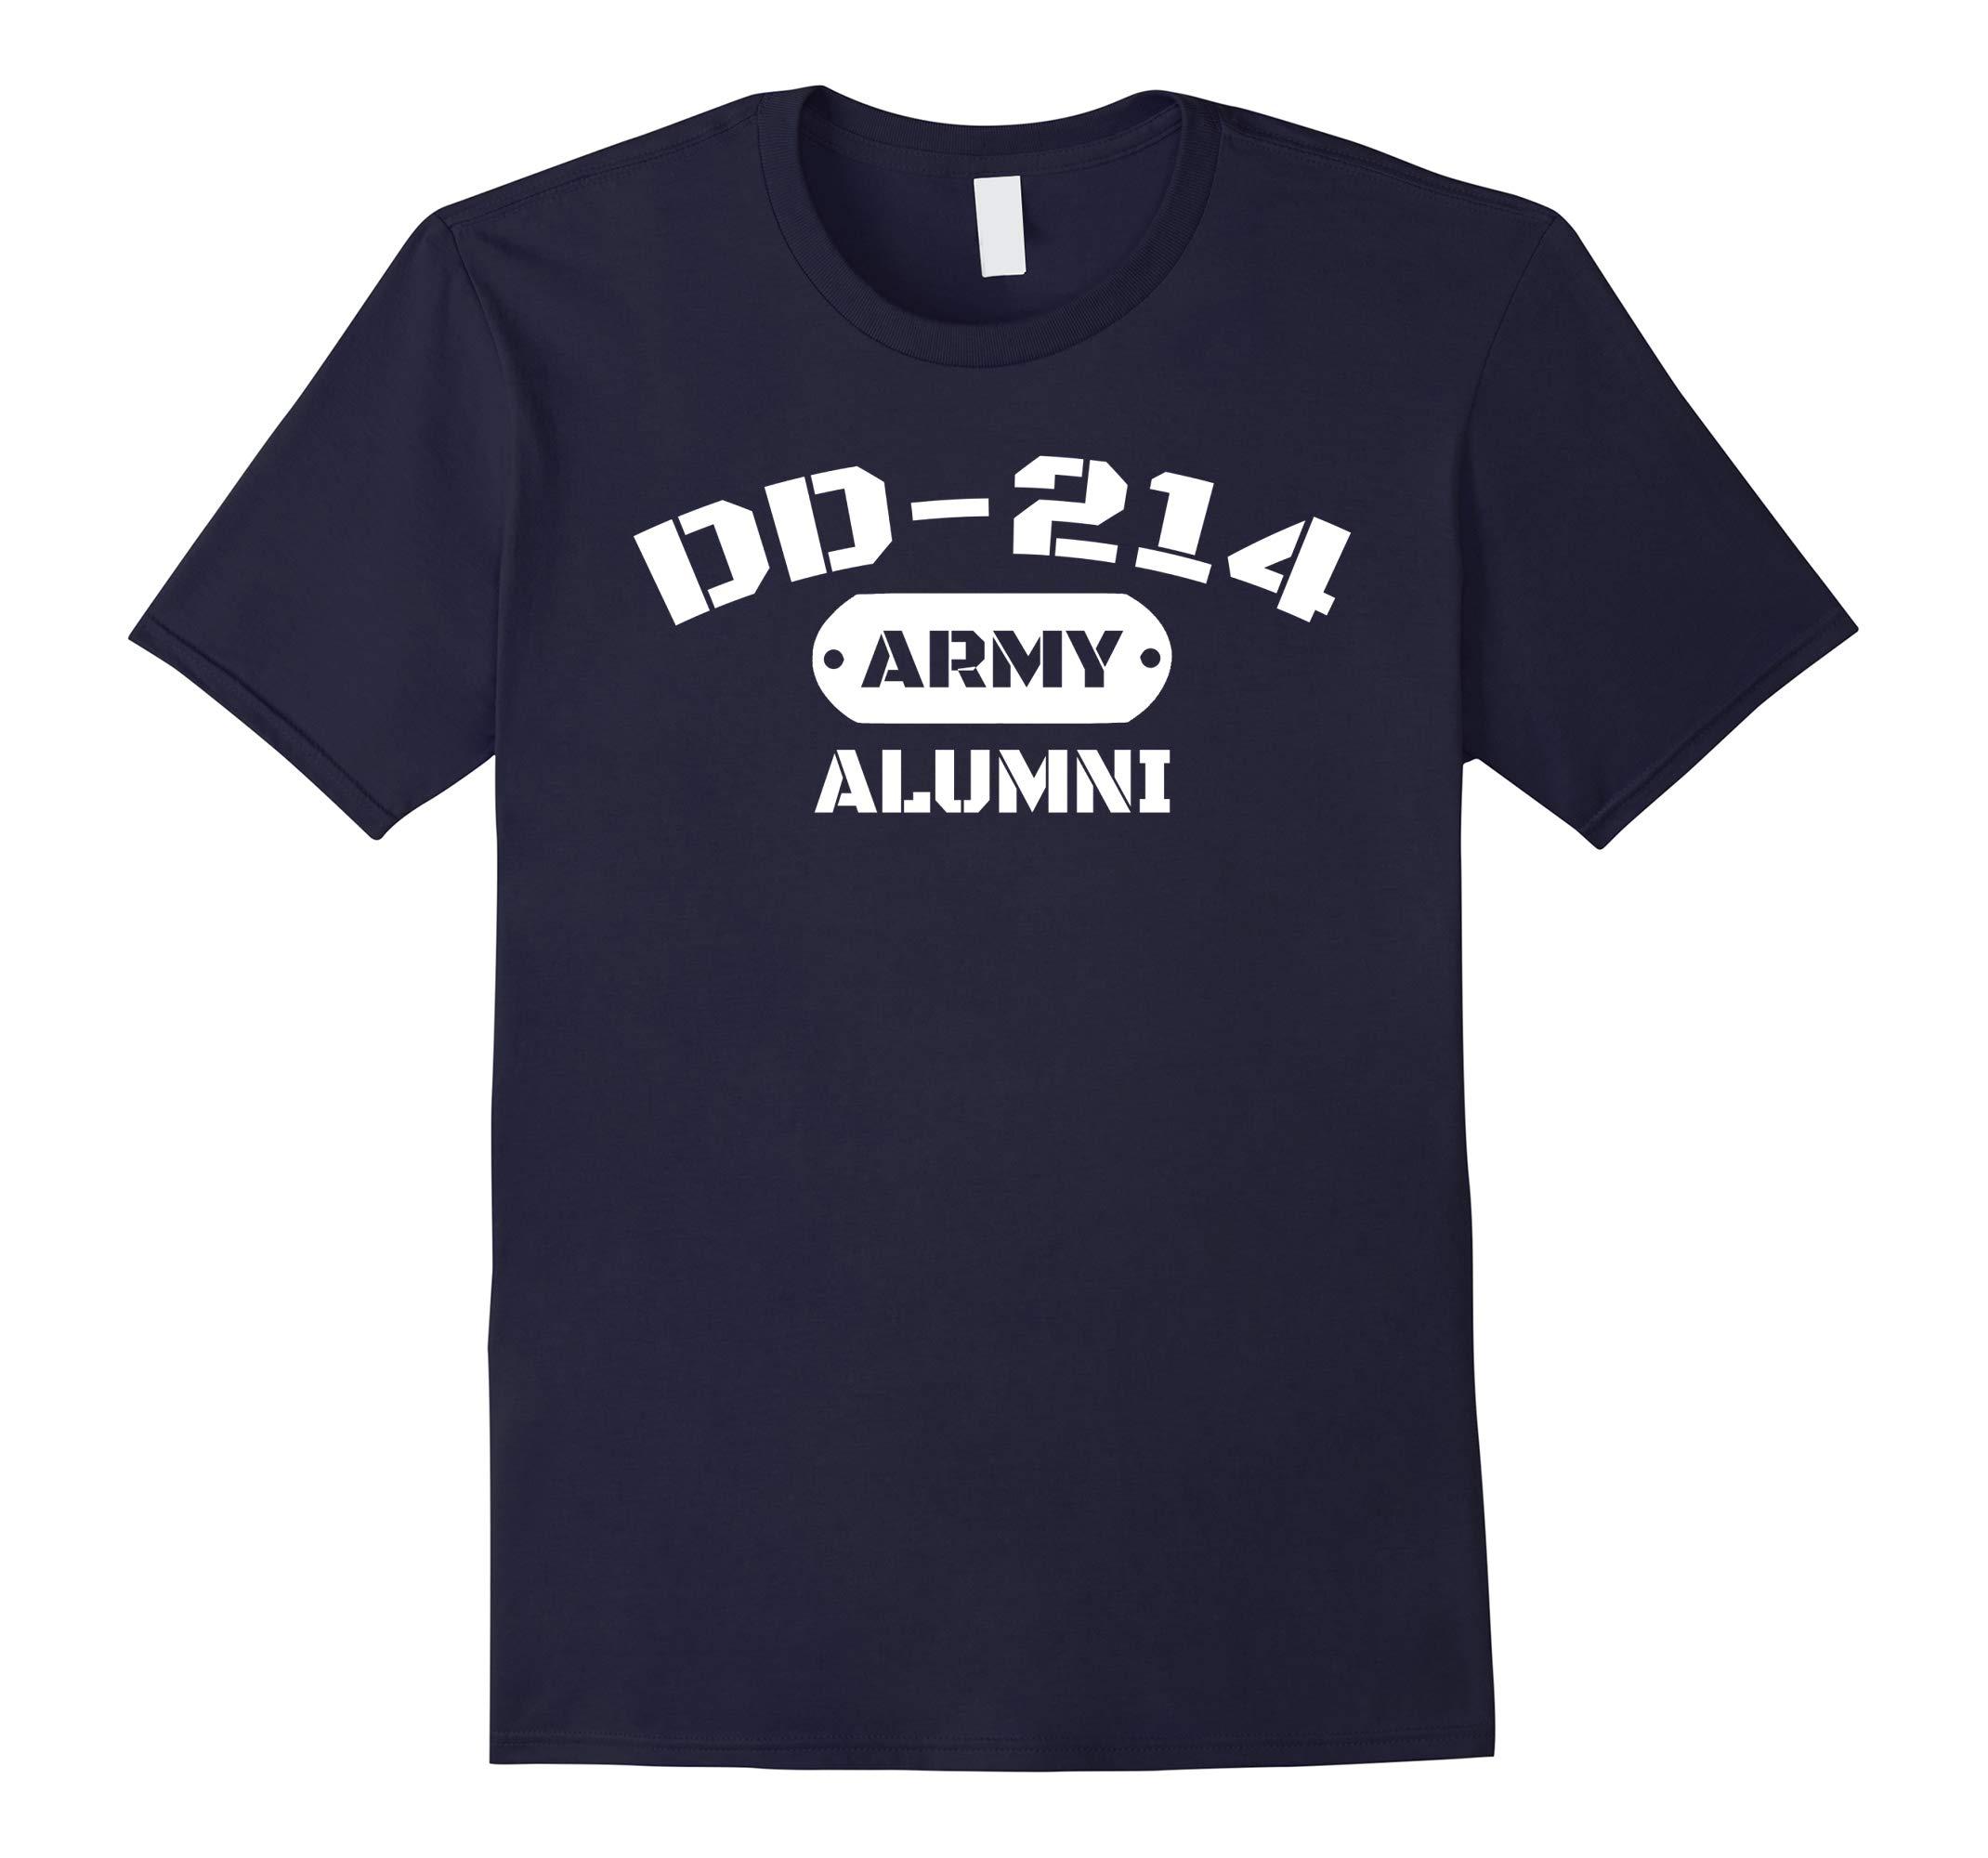 DD-214 US Army Alumni T-Shirt-RT